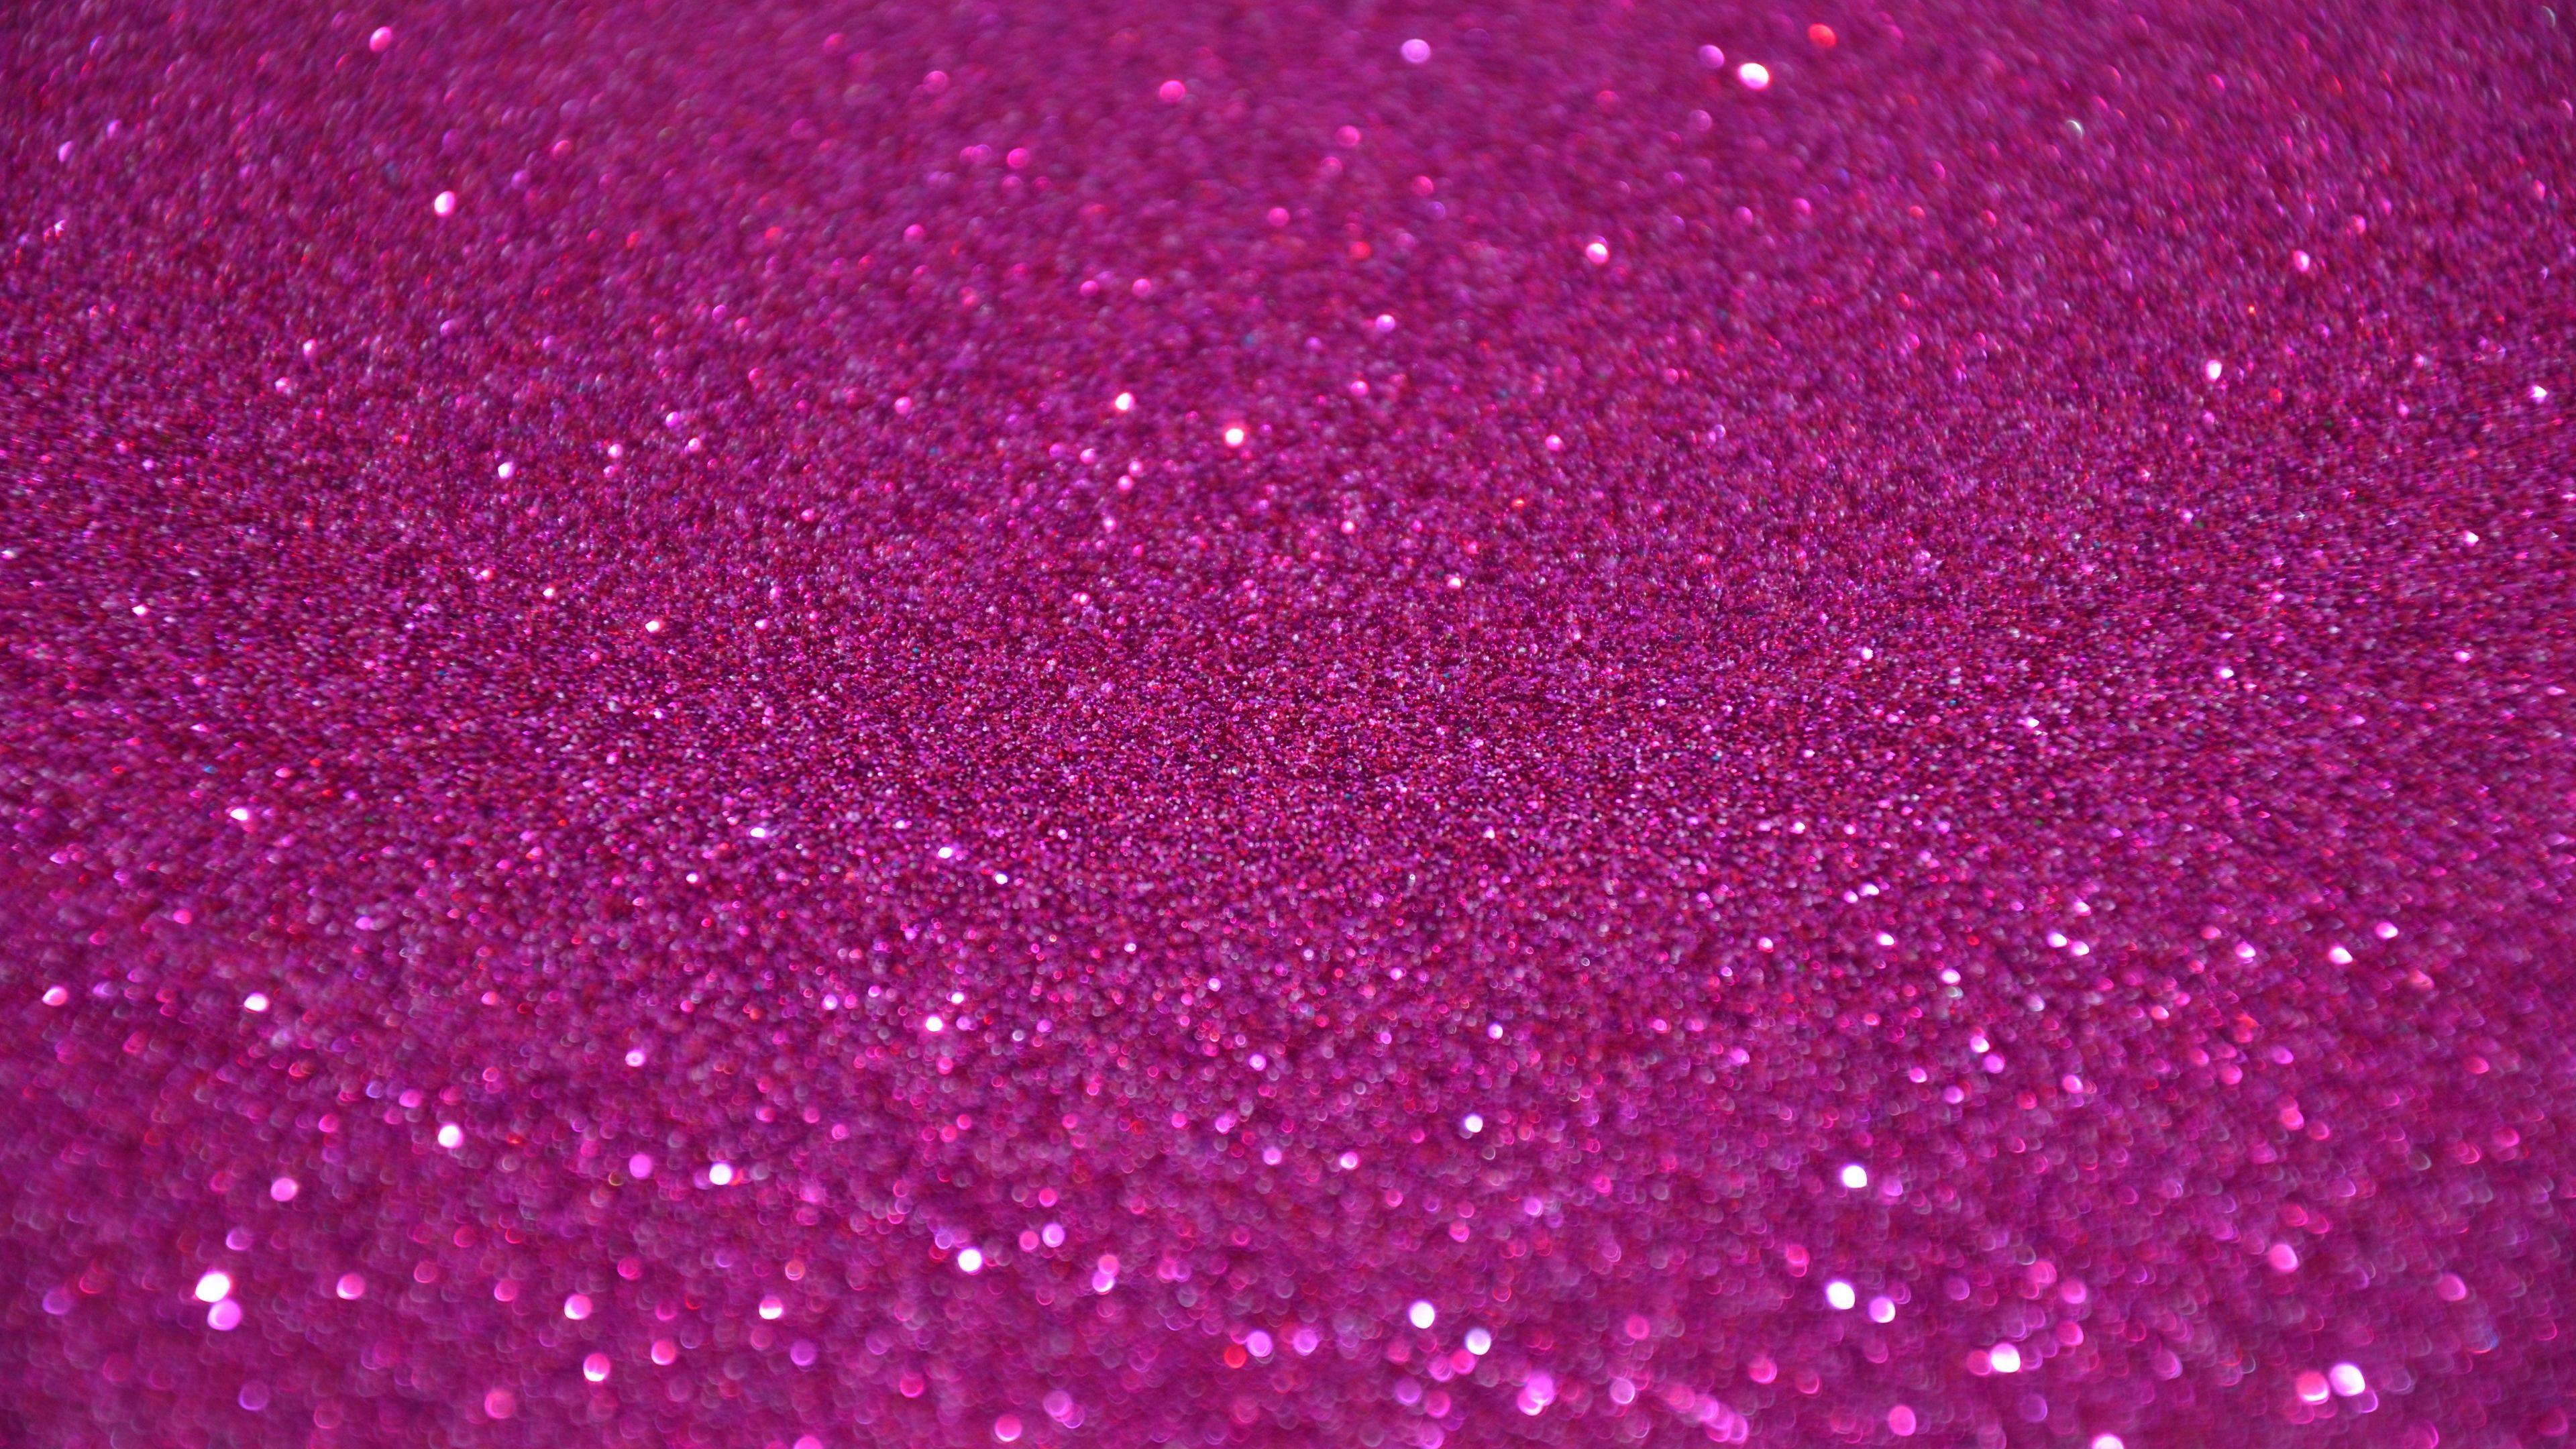 4k Pink Wallpaper Nosirix